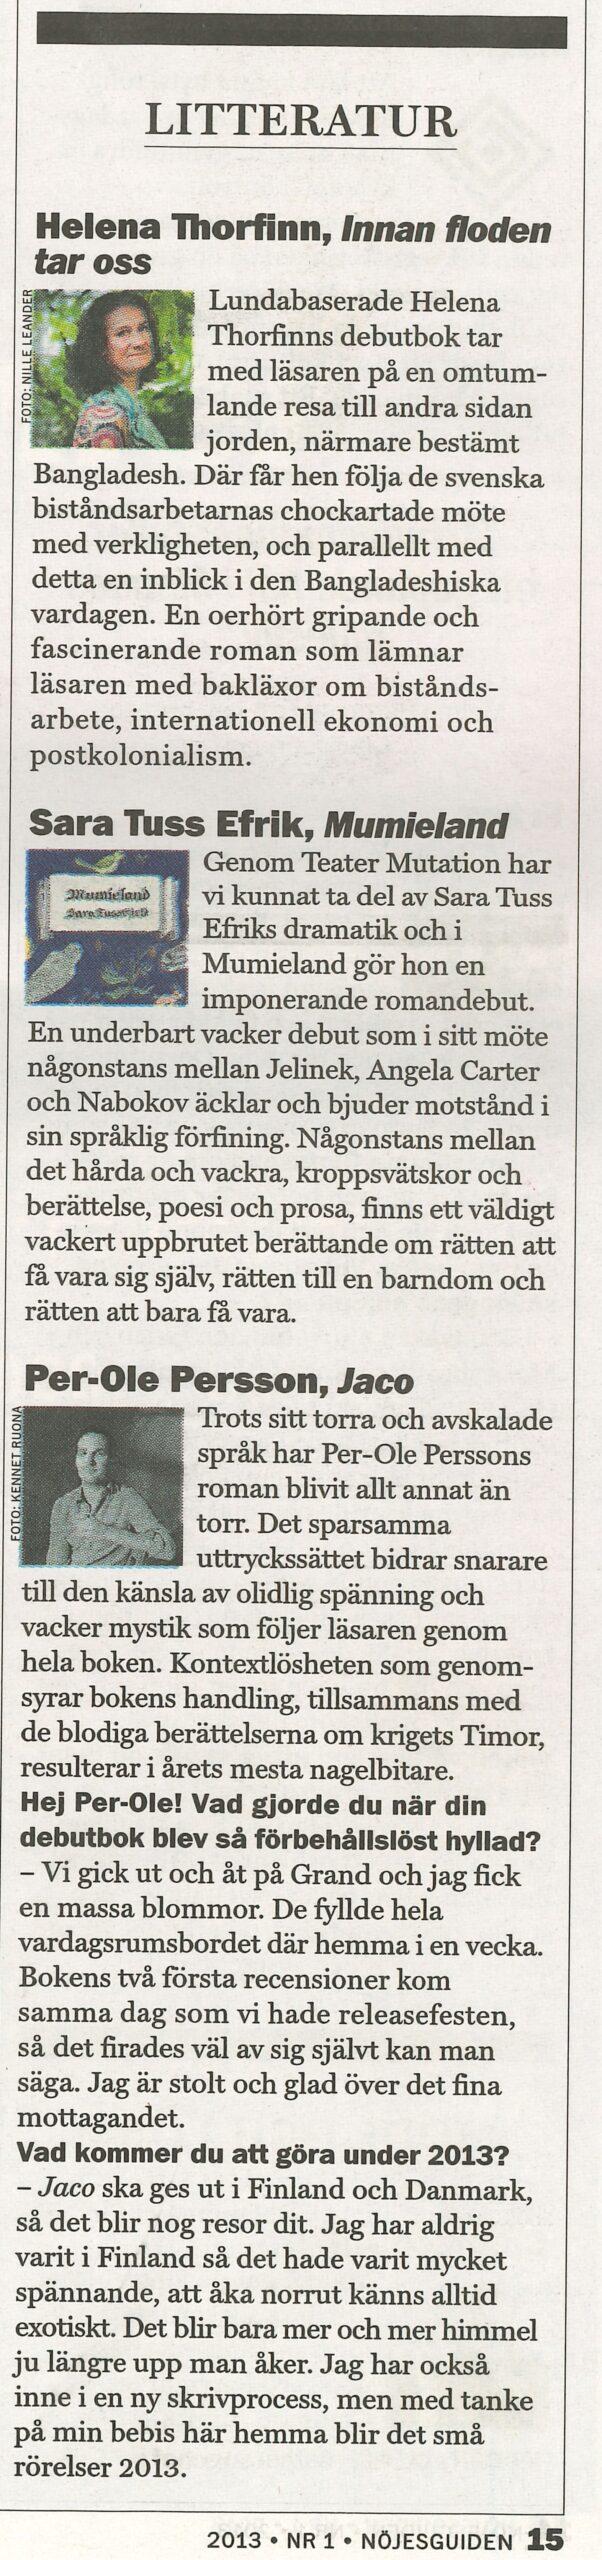 Nominering till Nöjesguidens Malmö/Lunda pris i litteratur